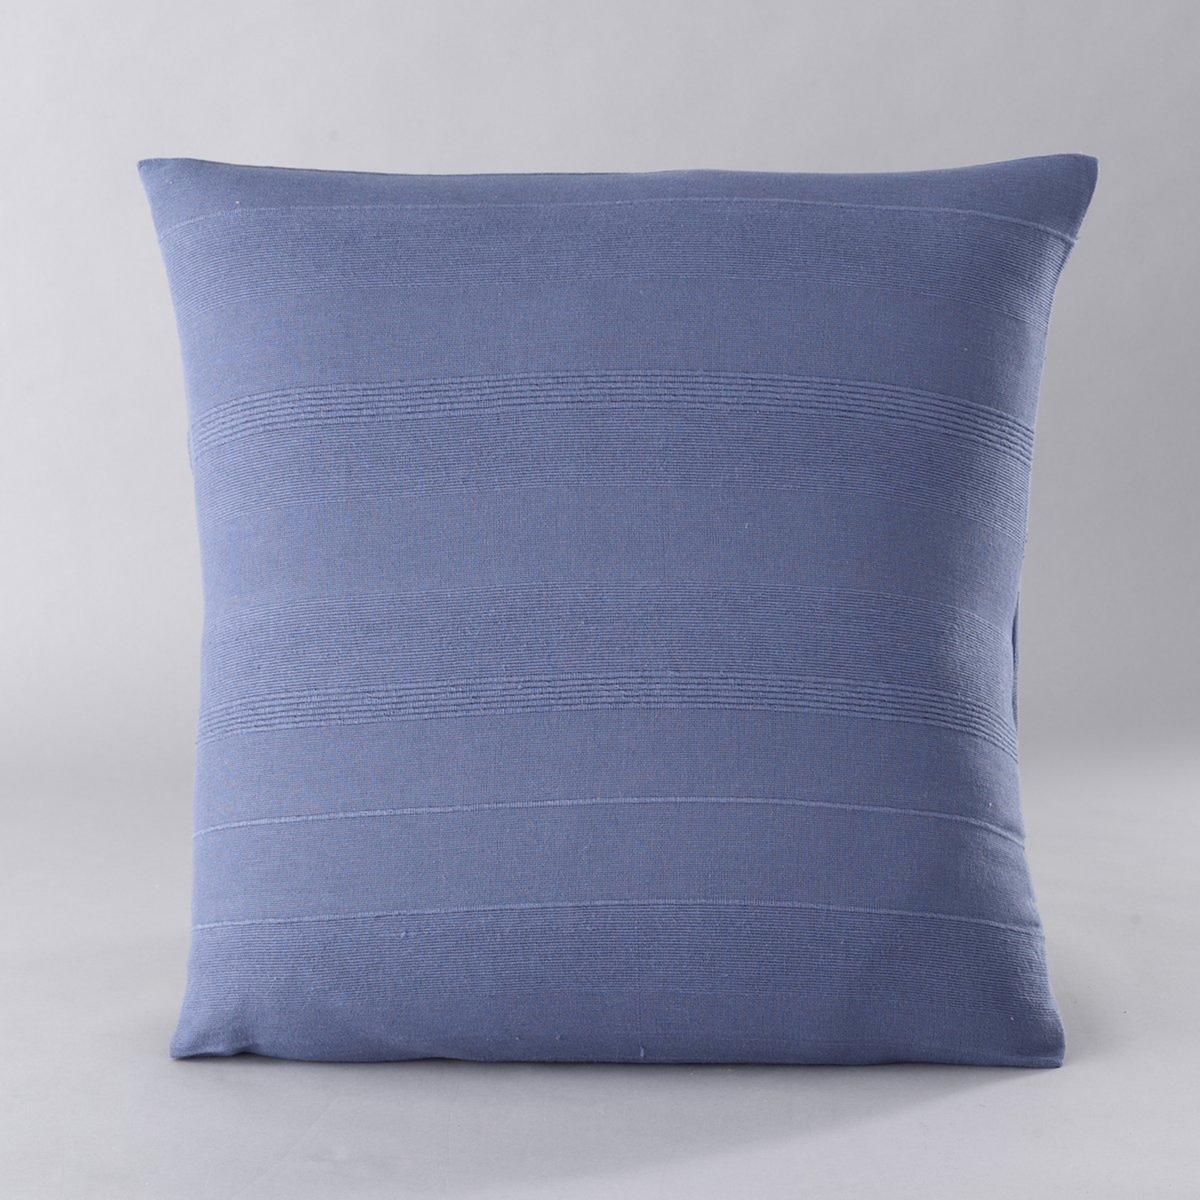 Наволочка на подушку-валик или наволочка на подушку, NEDO наволочка на подушку валик fougeras